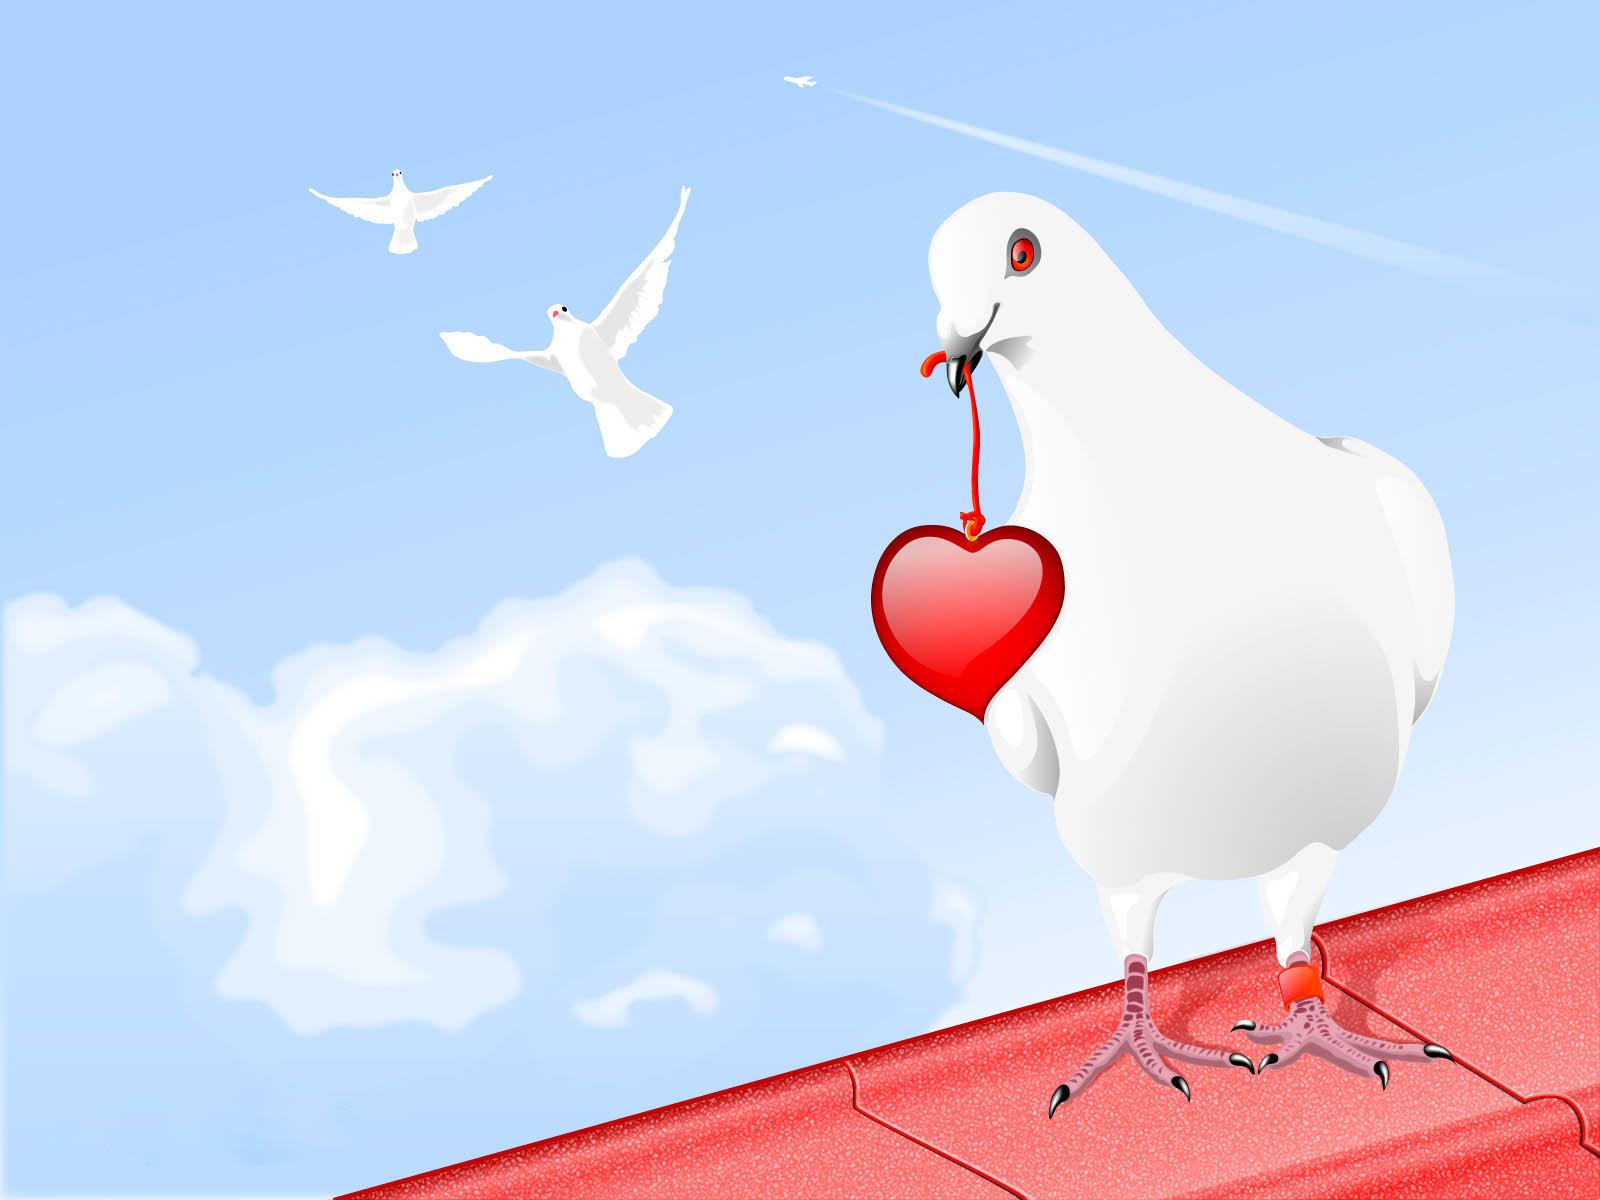 38602 обои 720x1280 на телефон бесплатно, скачать картинки Голуби, Птицы, Рисунки 720x1280 на мобильный